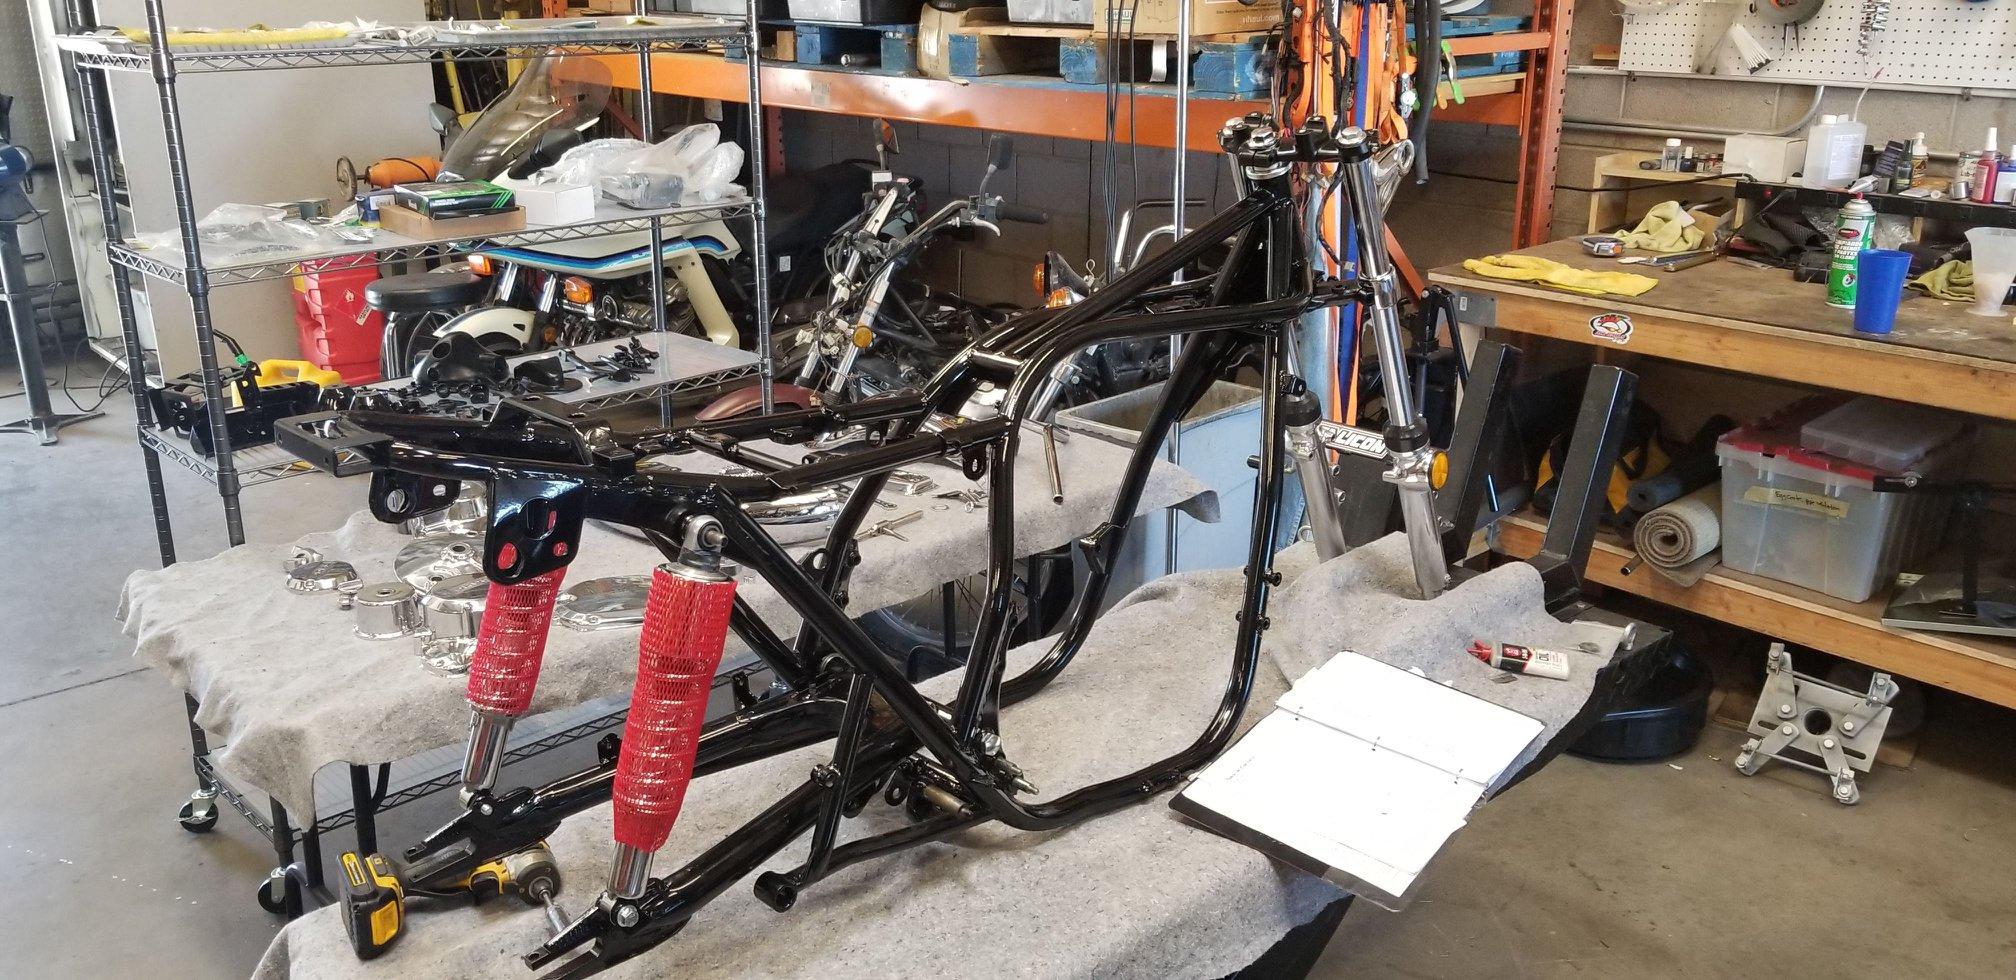 Almost looks like a bike!